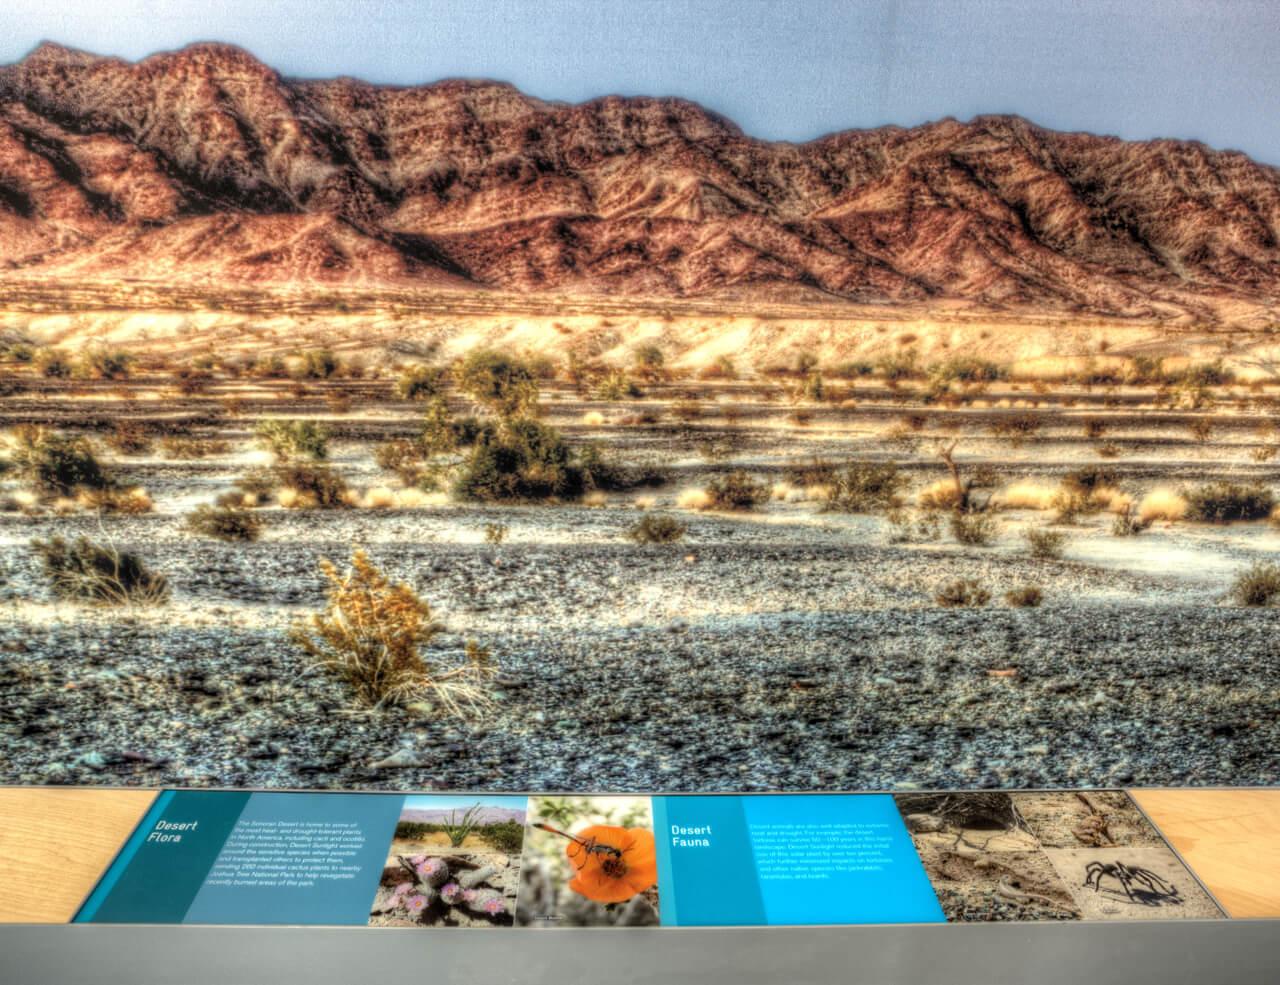 4-Desert-Sunlight-Visitor-Center-The Sibbett Group-Natural History-Drew Metzger.jpg